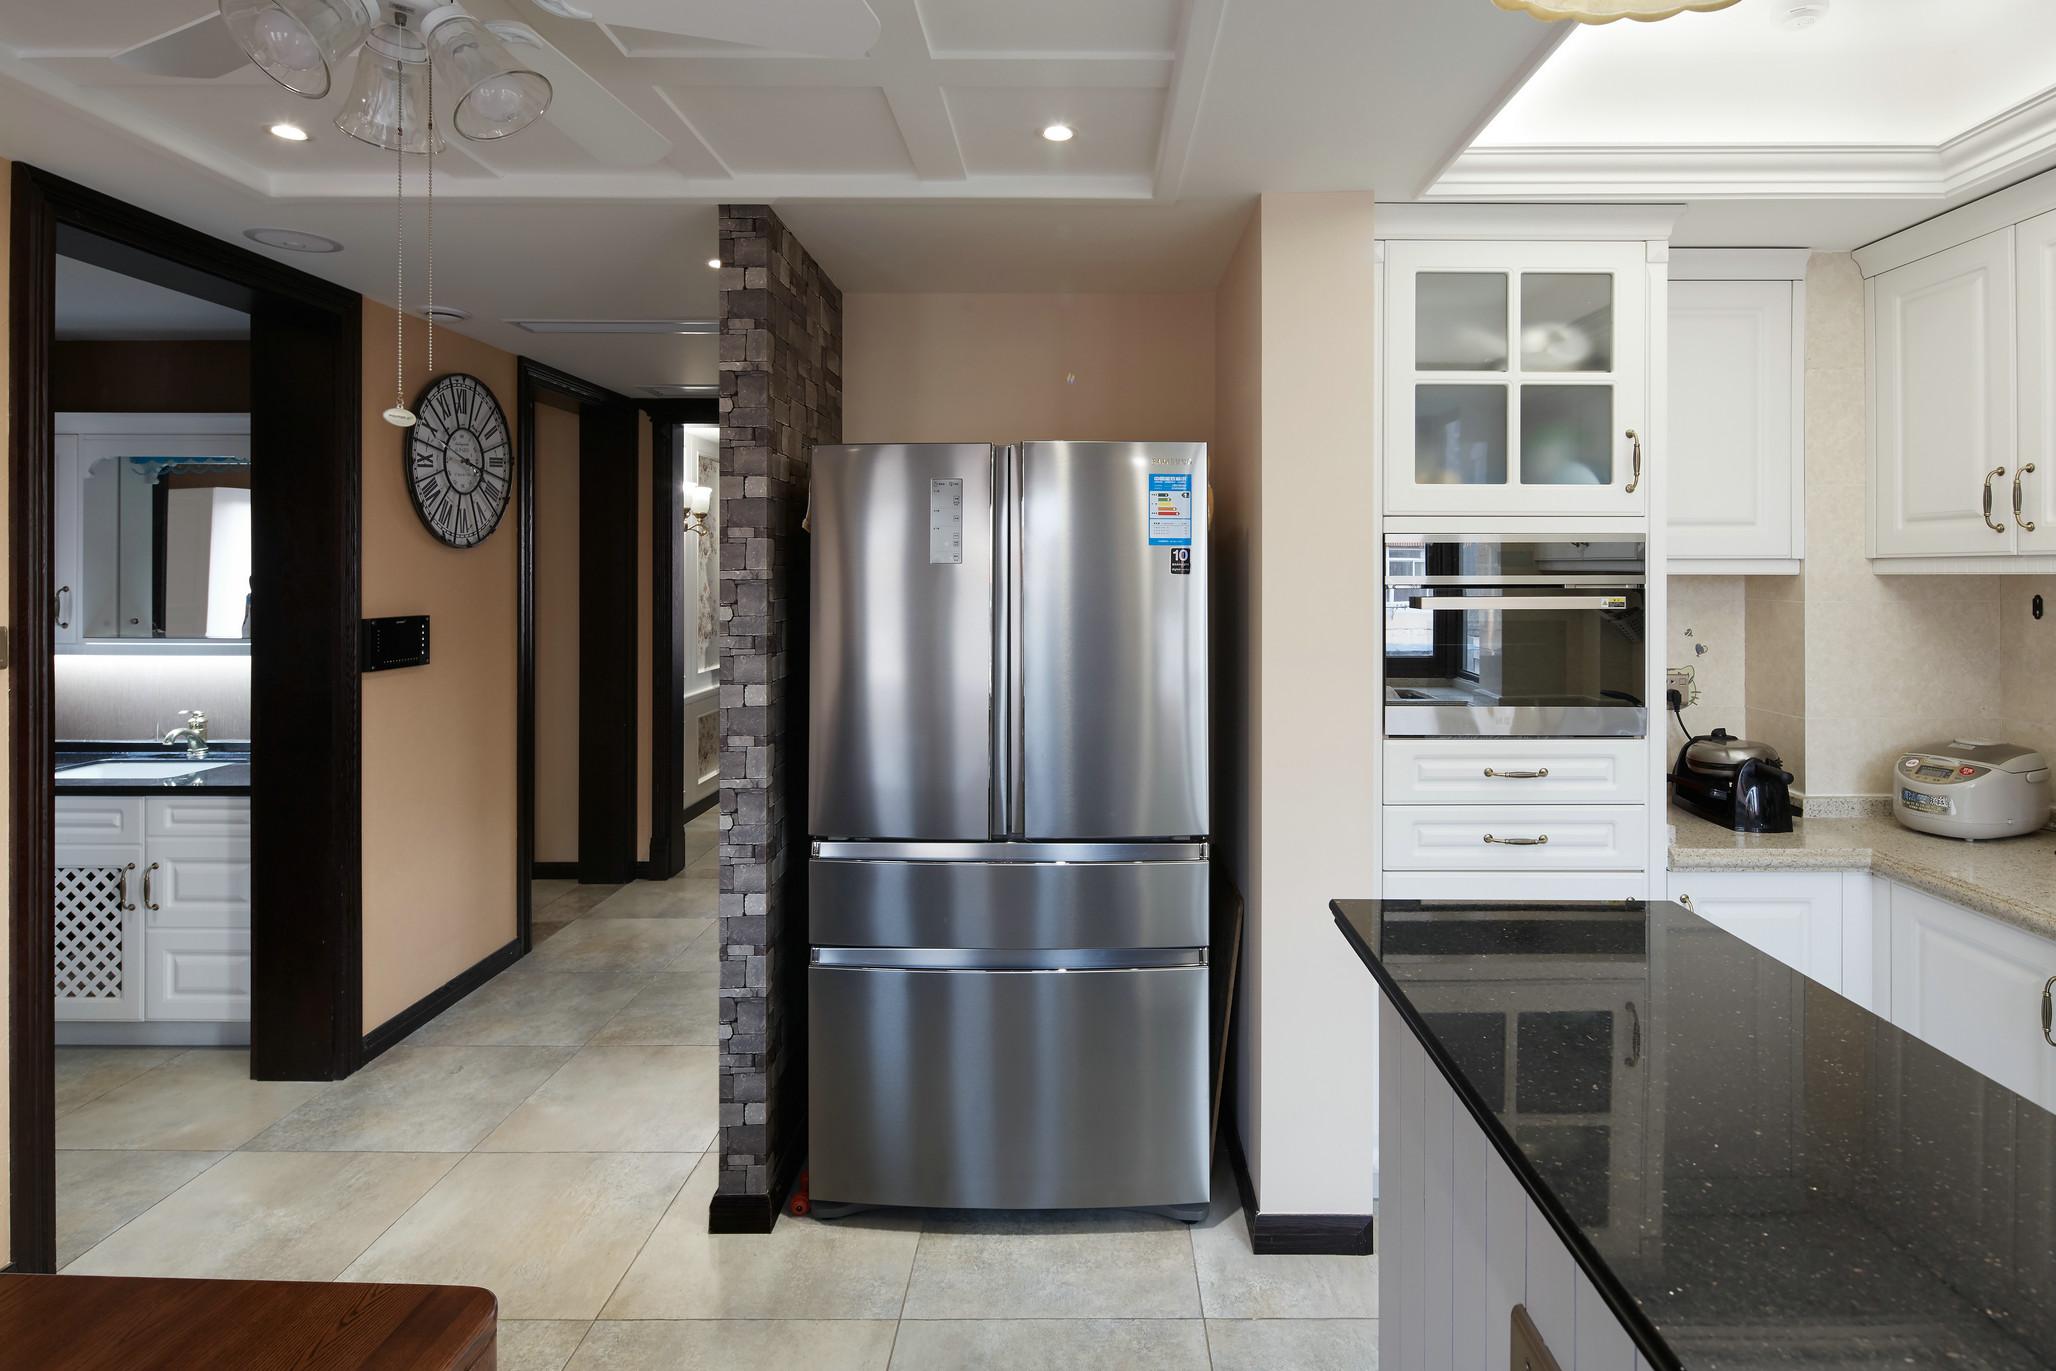 特意设计了冰箱放置区,很是方便简洁。